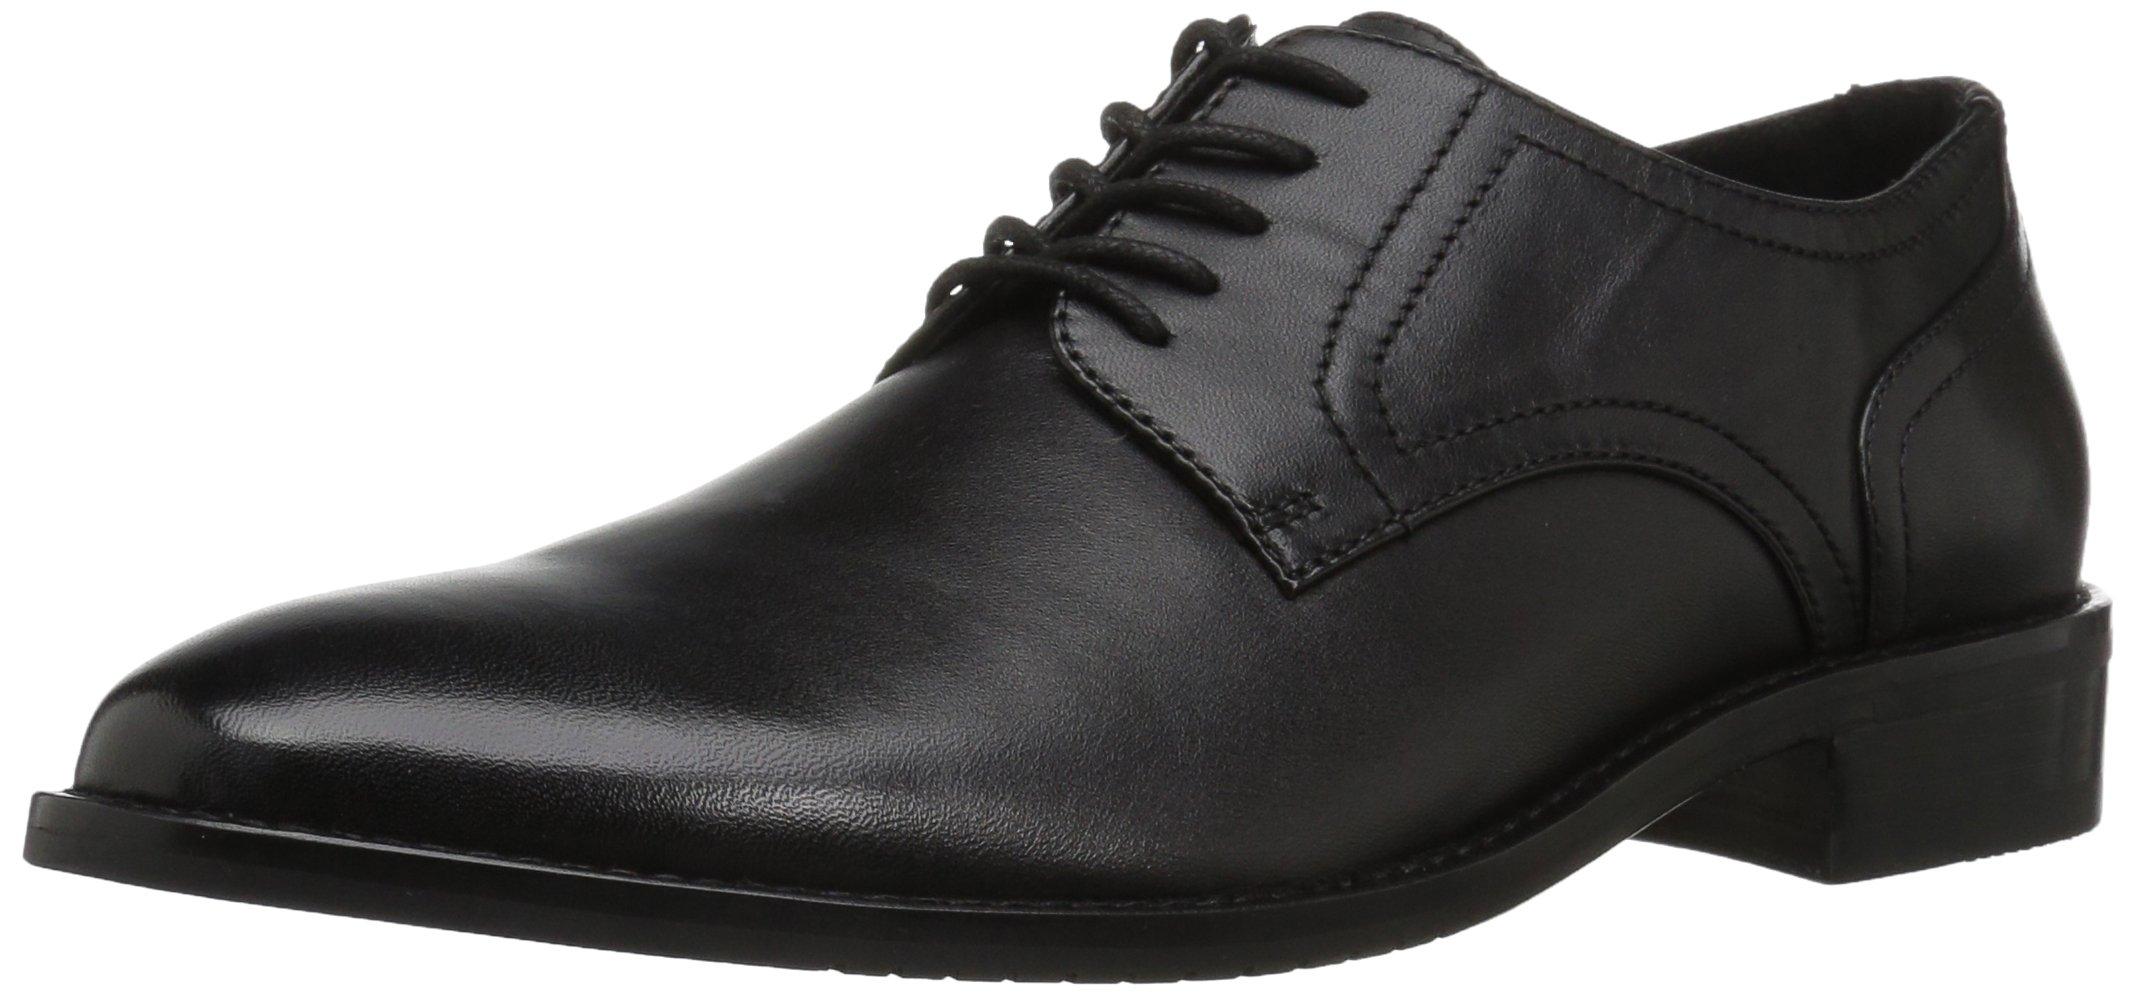 206 Collective Men's Concord Plain-Toe Oxford Shoe, Black, 13 2E US